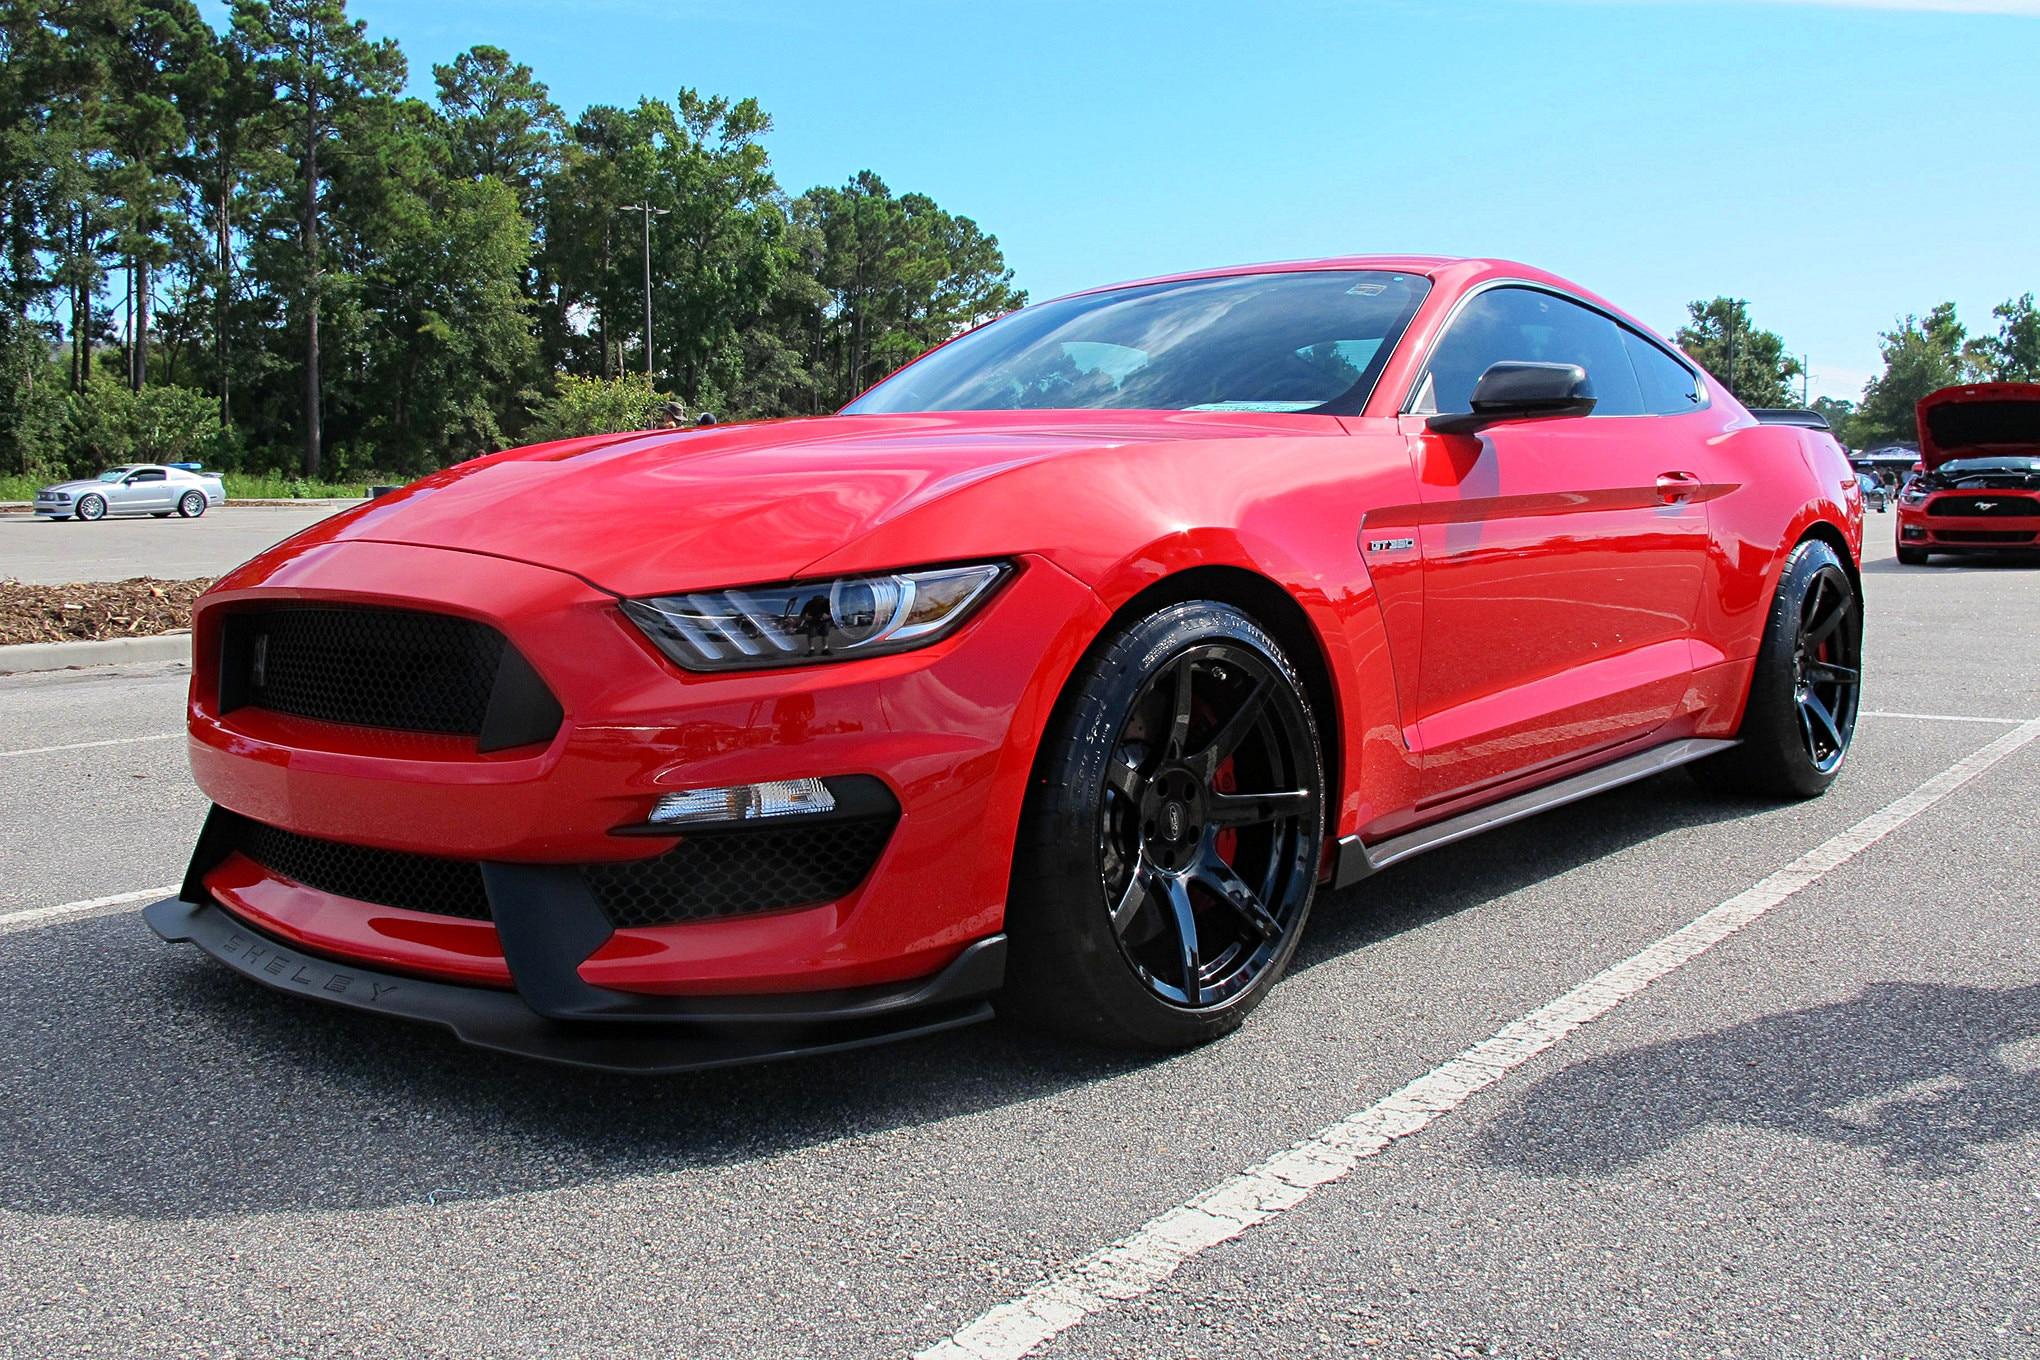 071 2018 Mustang Week S550 Mustangs